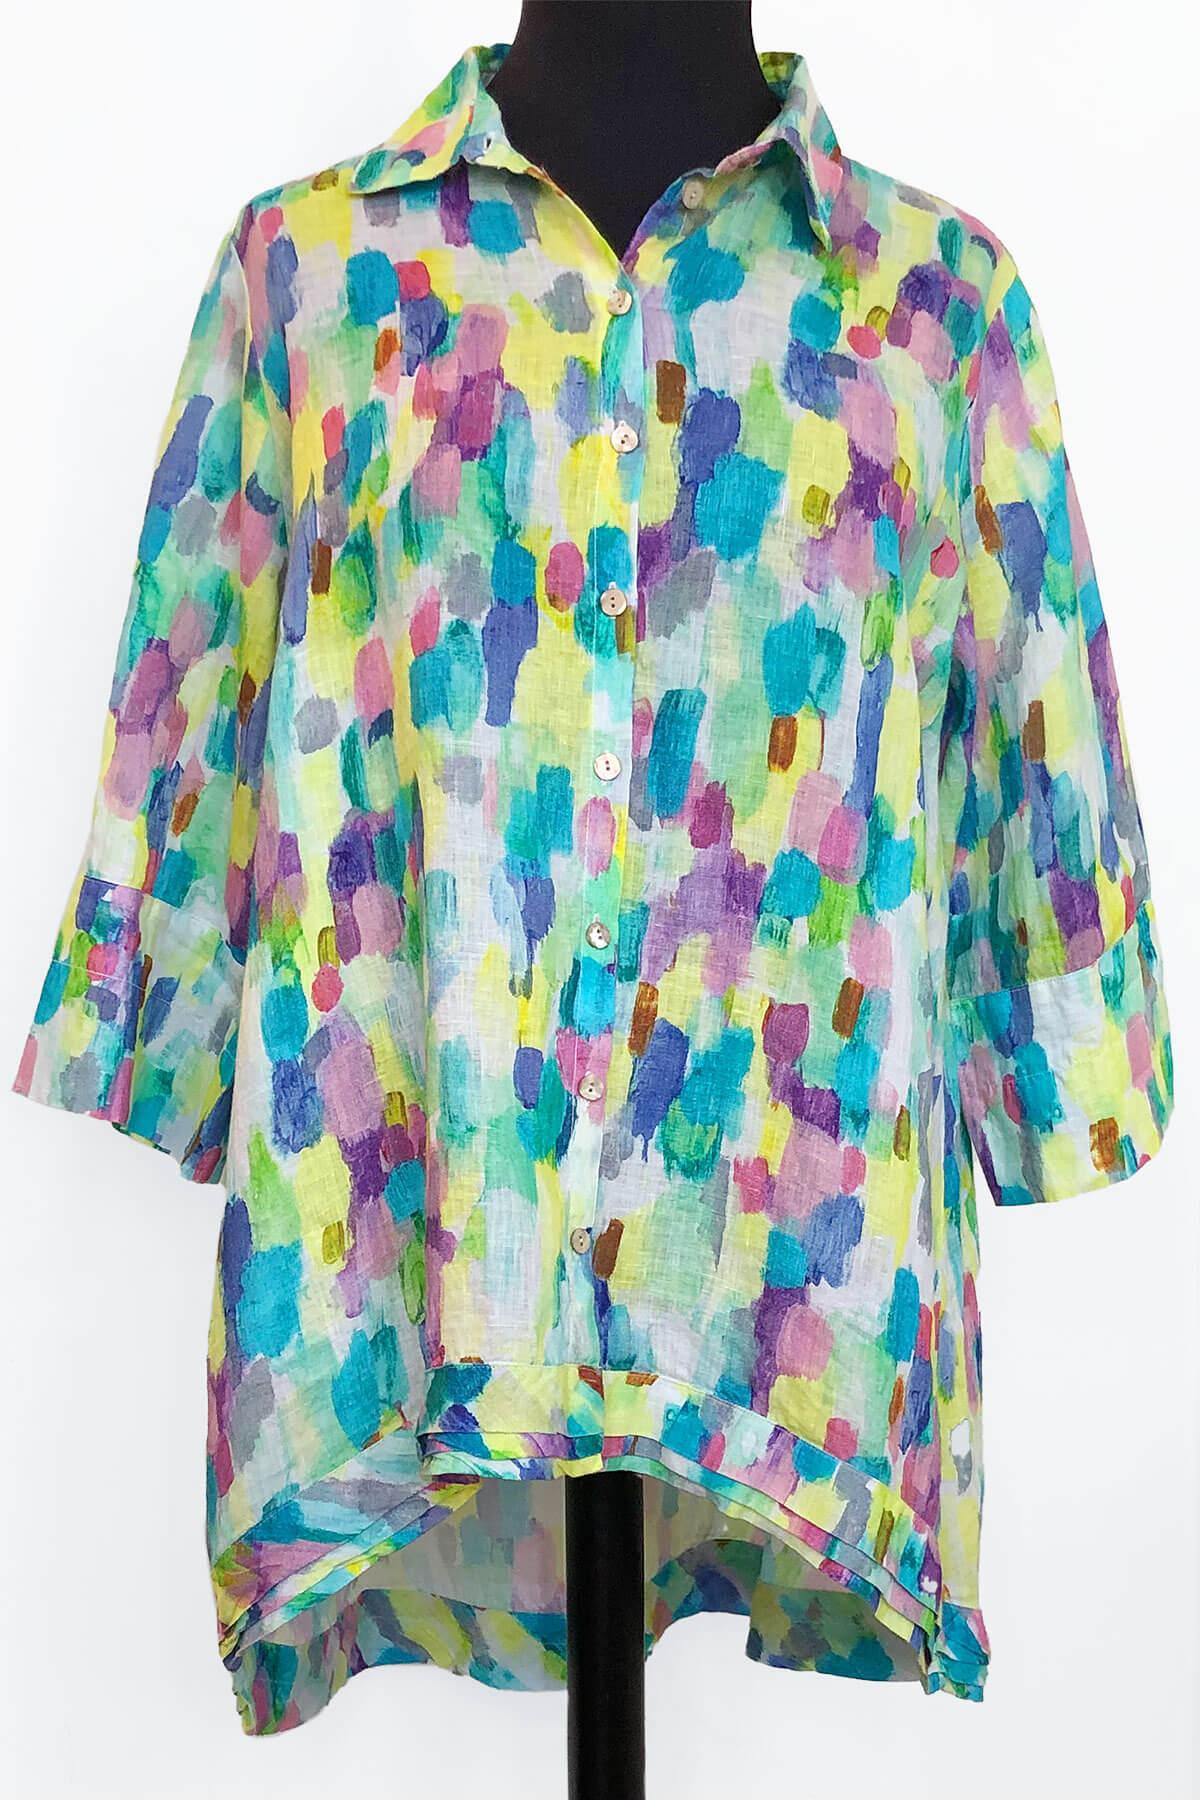 Grizas uneven linen shirt patterned